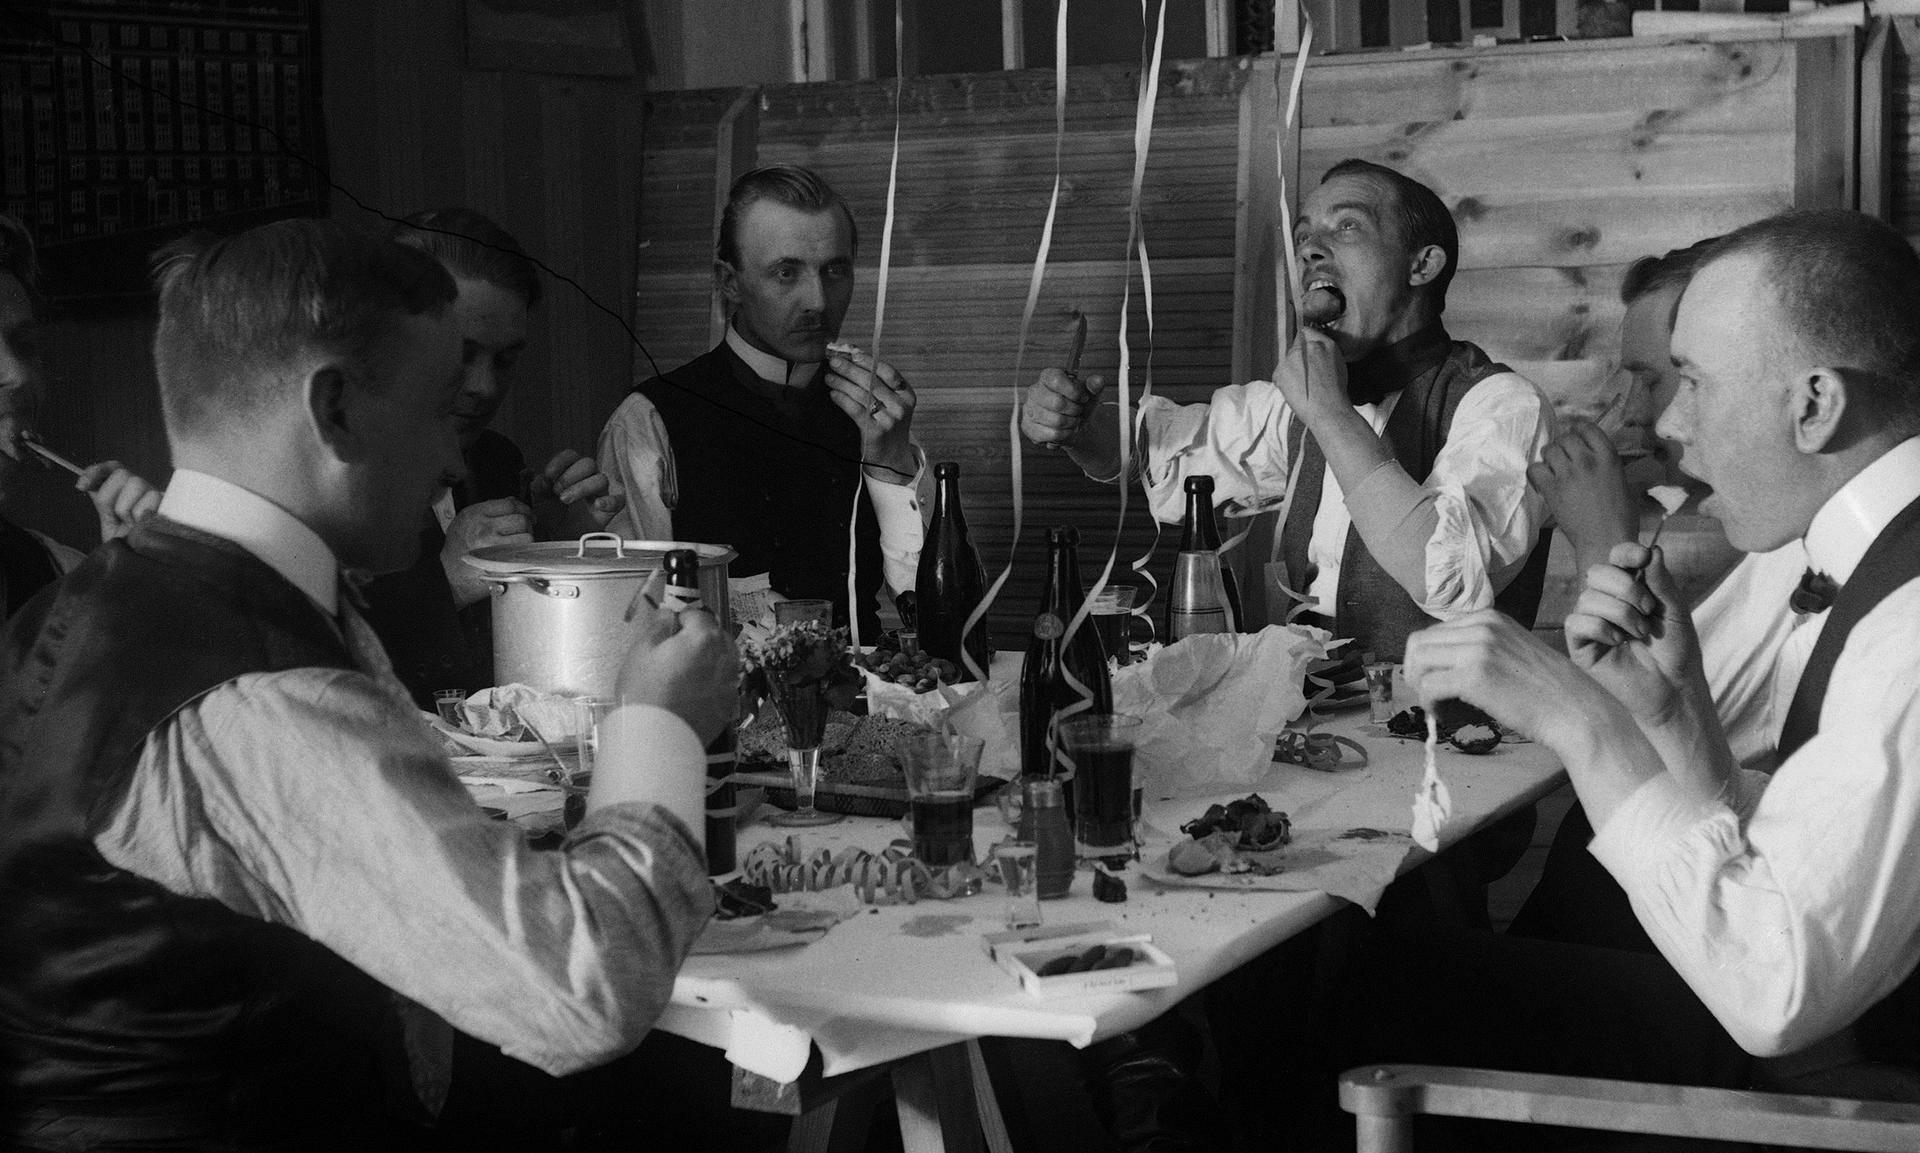 Ryhmä miehiä todennäköisesti juhlimassa vappua tunnistamattoman yhdistyksen tiloissa 1910-luvulla.